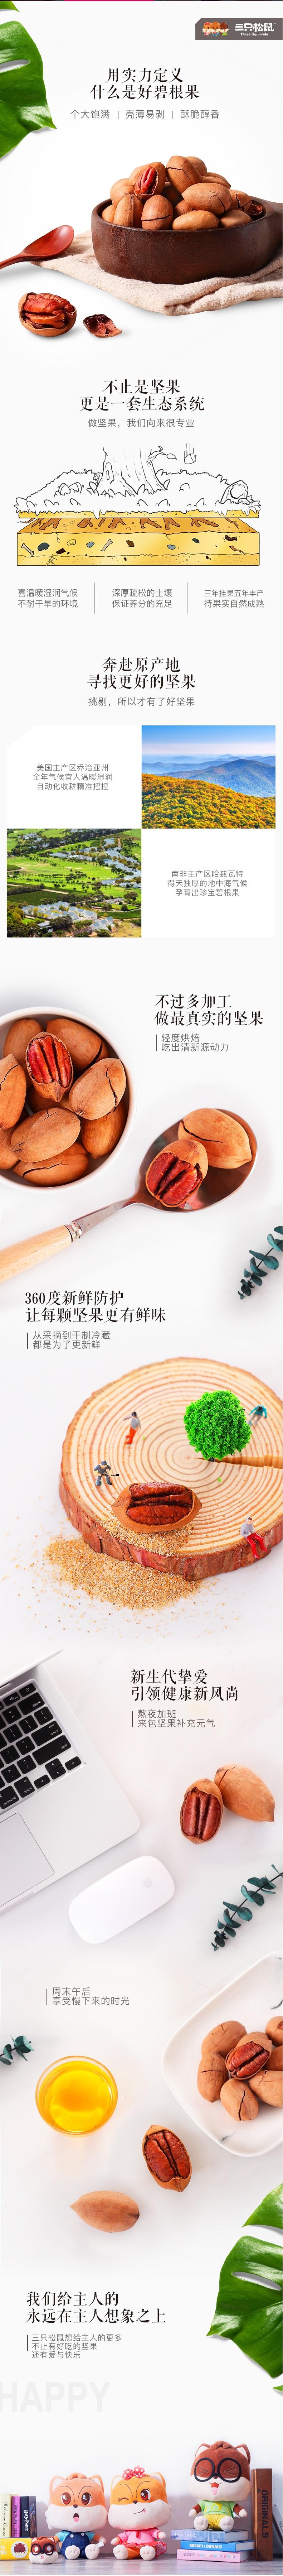 三只松鼠  碧根果210g休闲零食坚果特产山核桃炒货长寿果